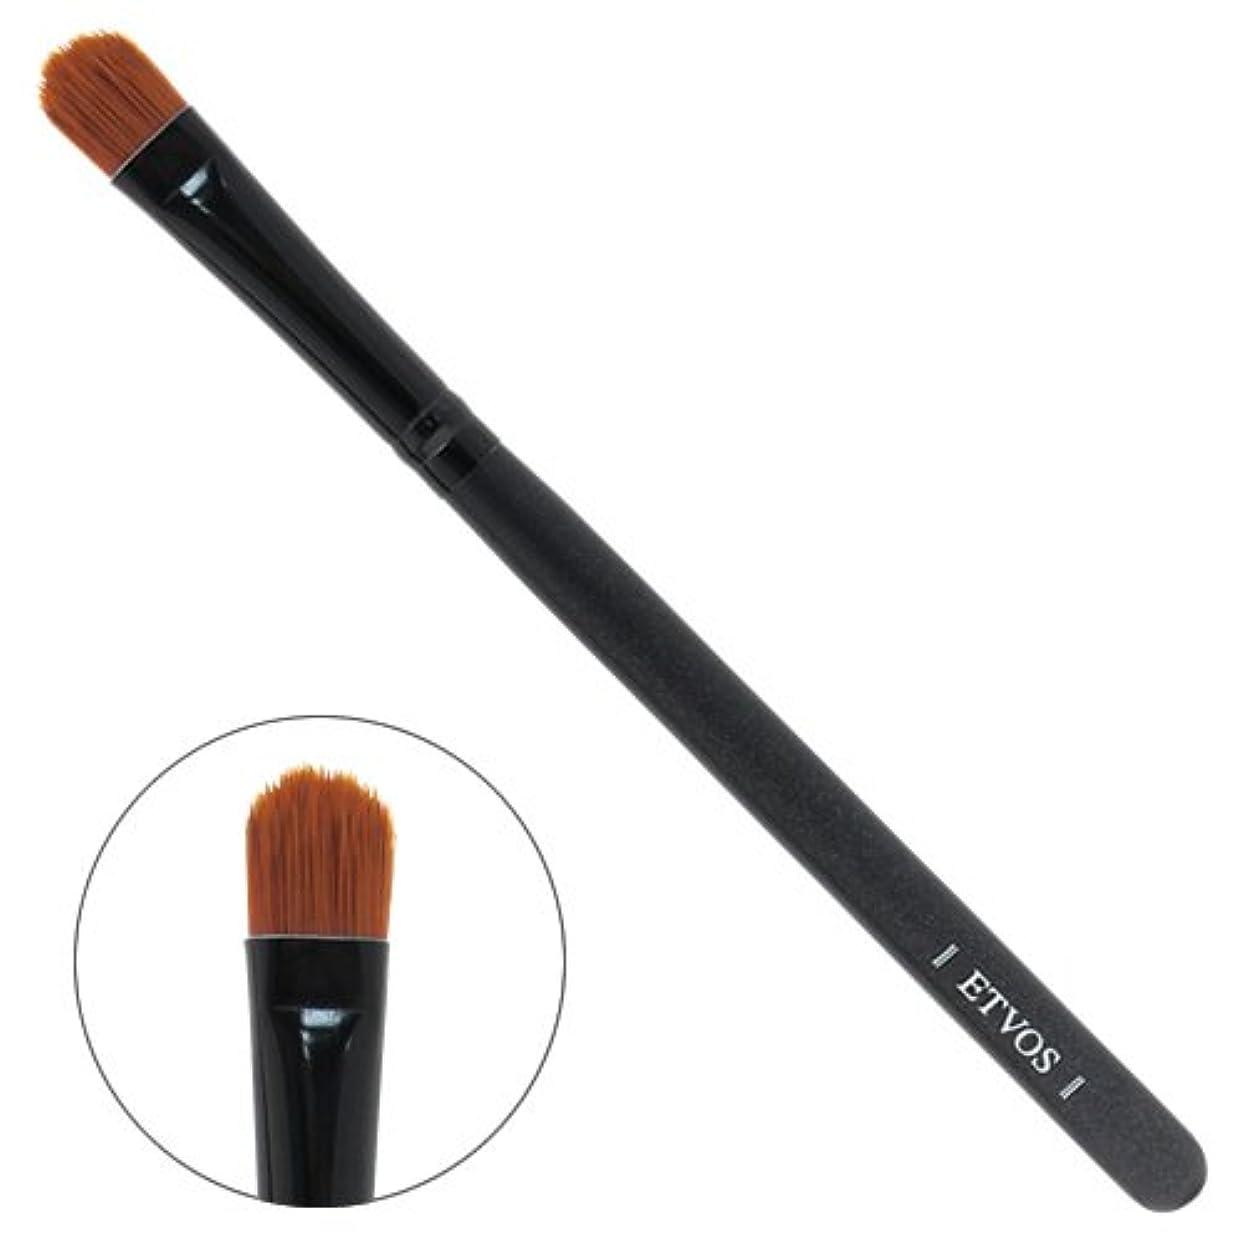 操作明らかに生態学ETVOS(エトヴォス) アイシャドーブラシ 平らで毛先を丸カット/アイシャドウ用化粧筆 重ね塗り対応 14cm